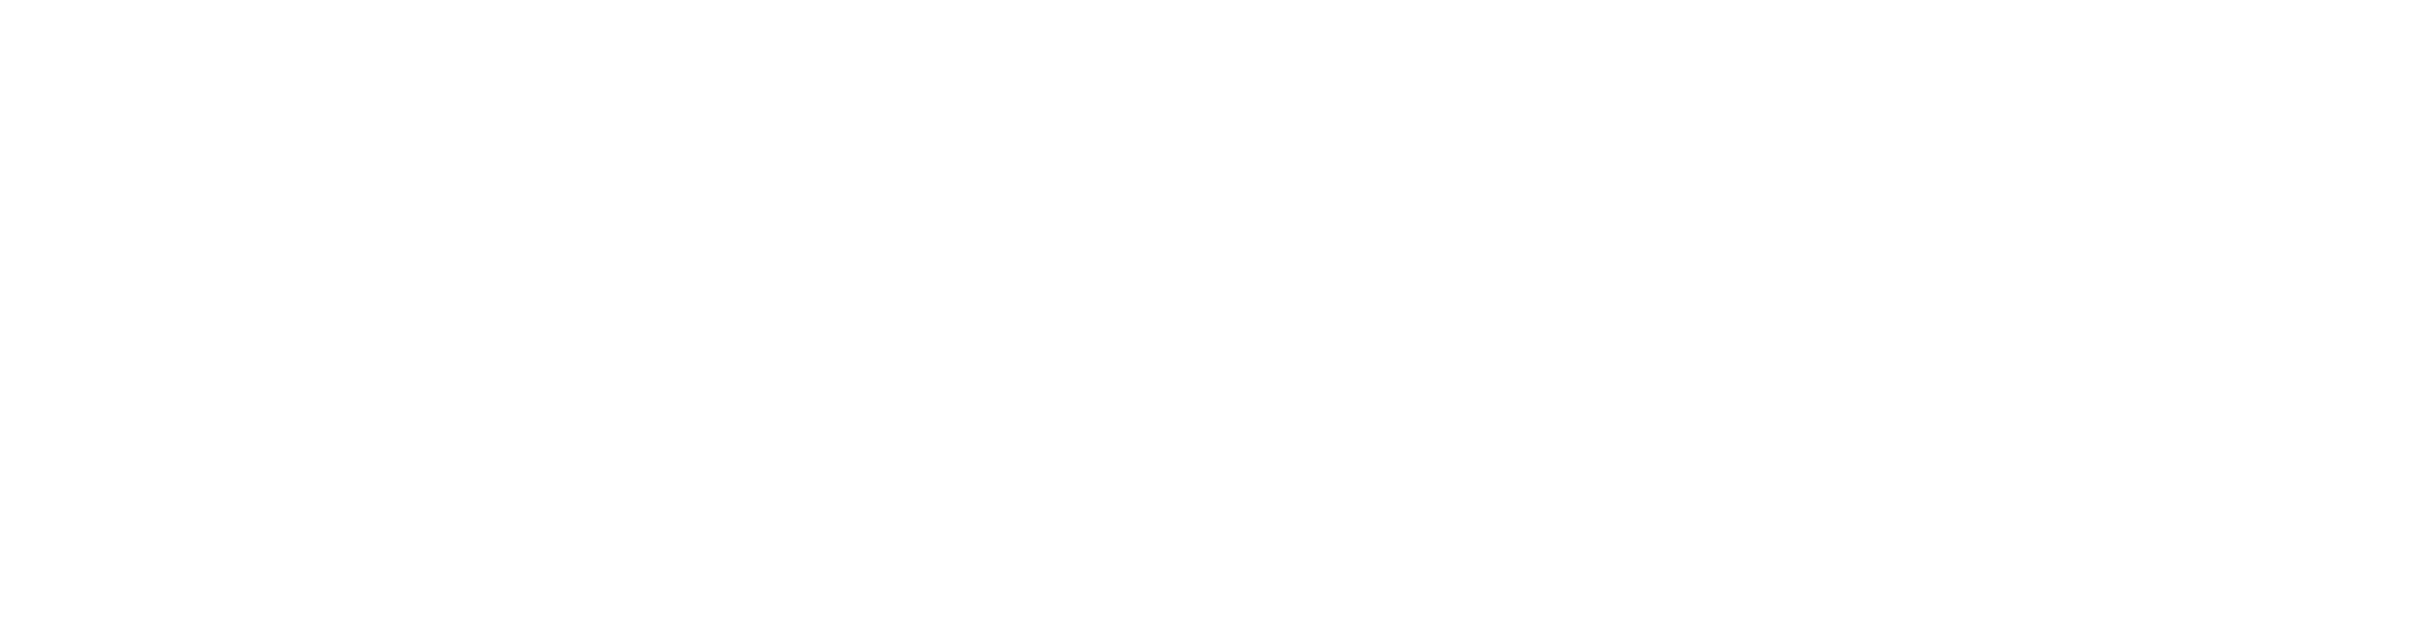 Maso-Udeniny Podbrezova